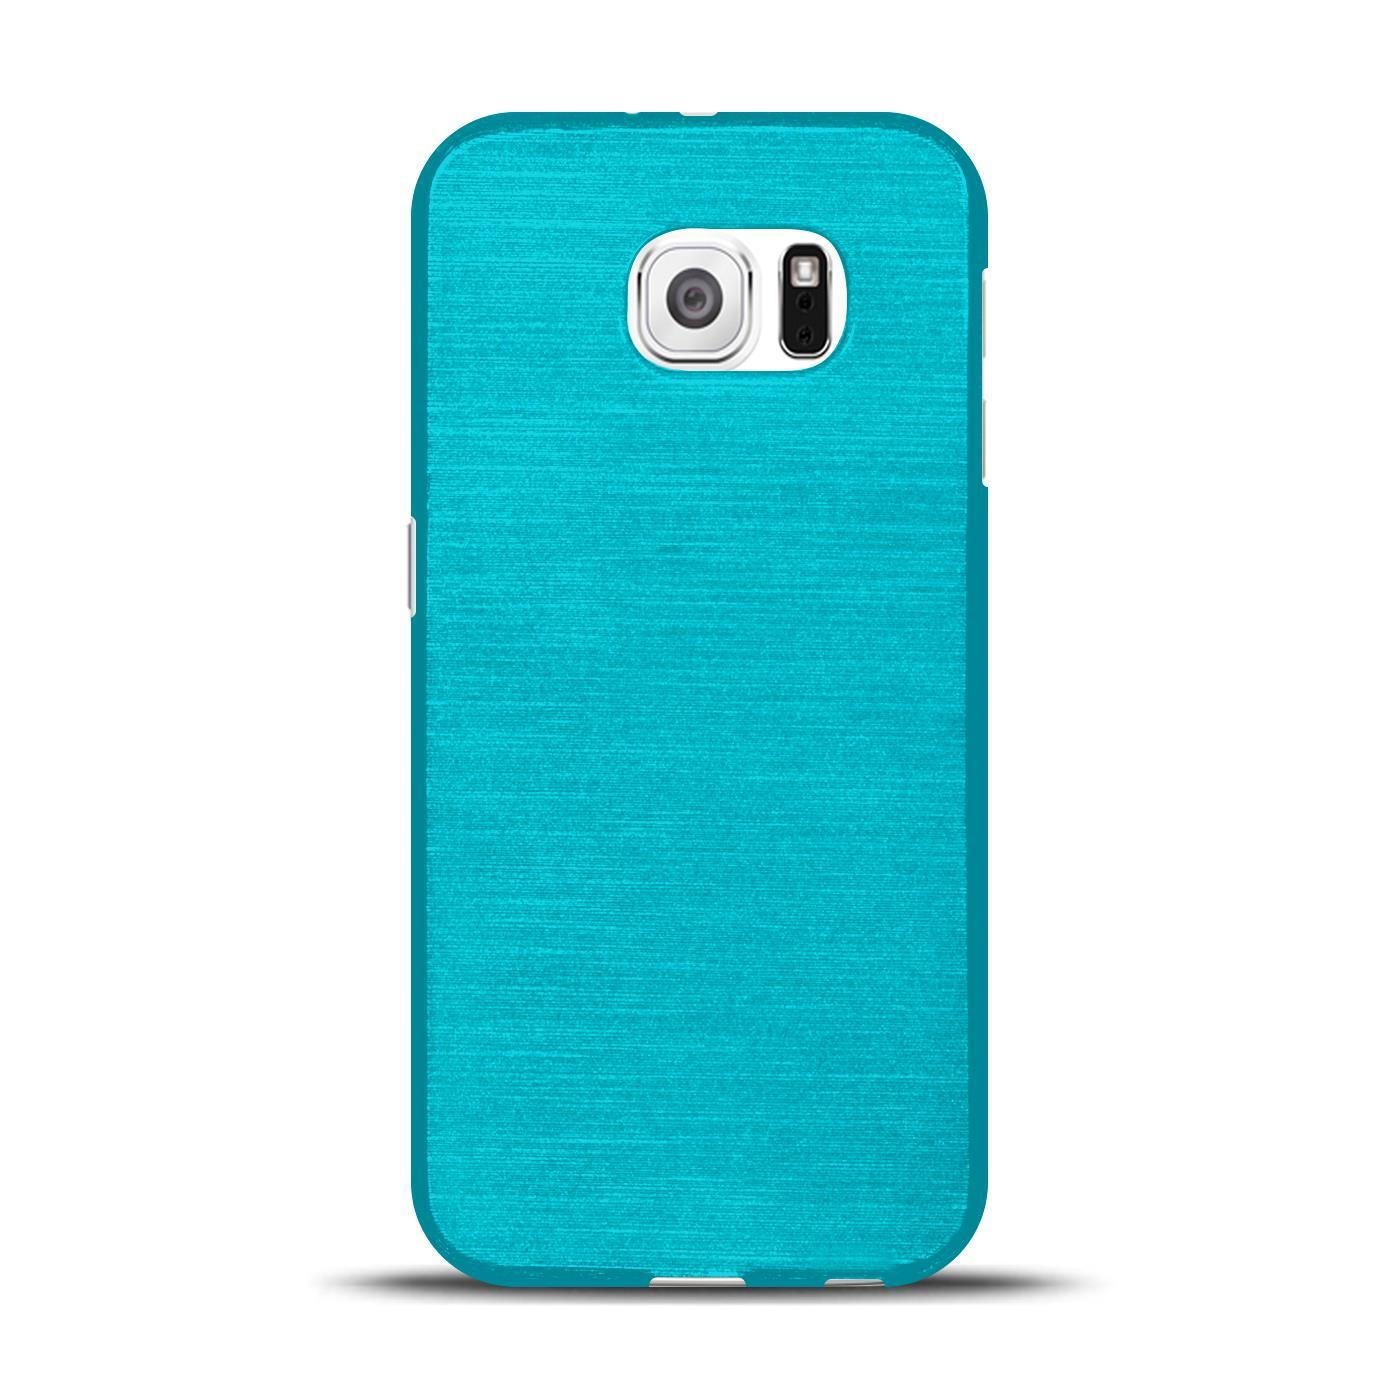 Silikon-Bumper-Case-fuer-Samsung-Galaxy-s6-duenne-ultra-slim-Stossfeste-Rueckschale Indexbild 10